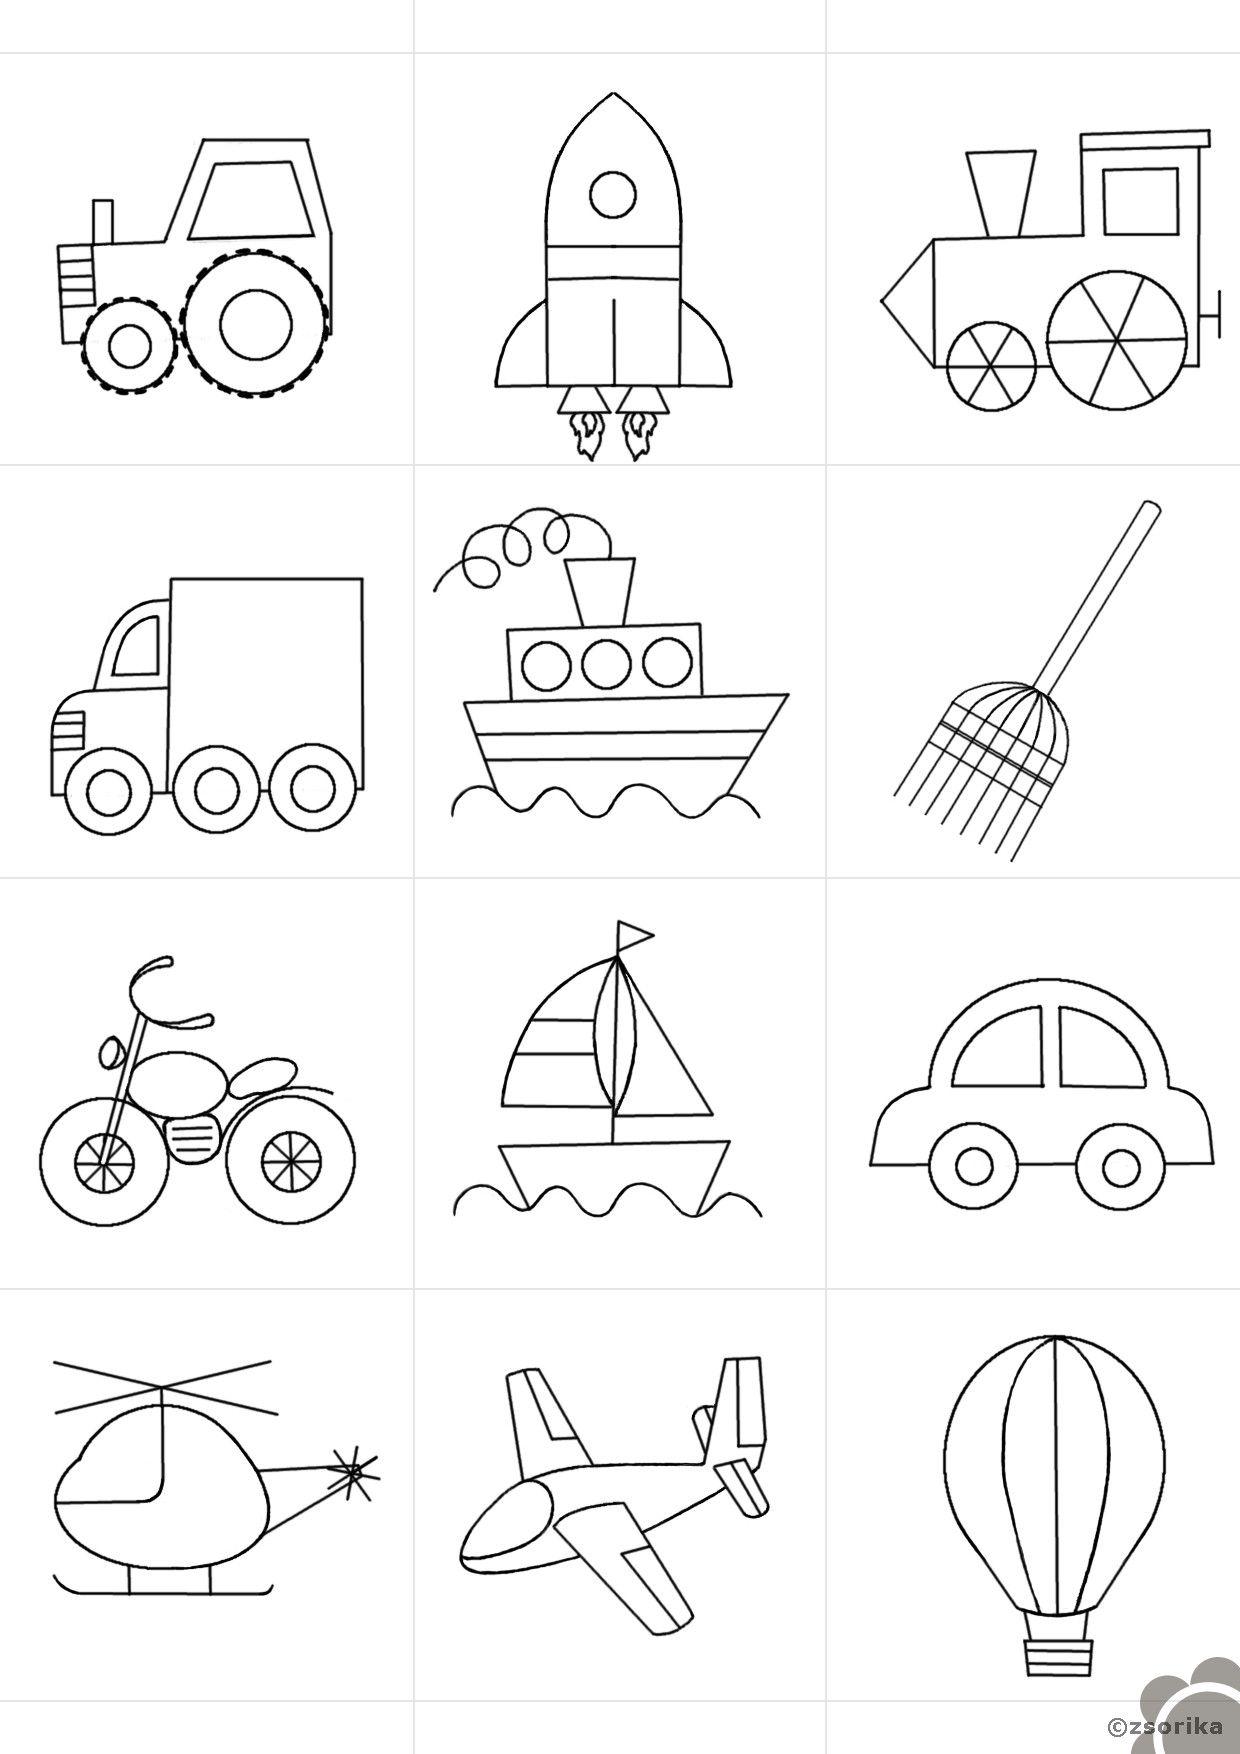 Lieblings Weitere ideen Fahrzeuge | für mein kind | Vorschule, Kindergarten &IF_33